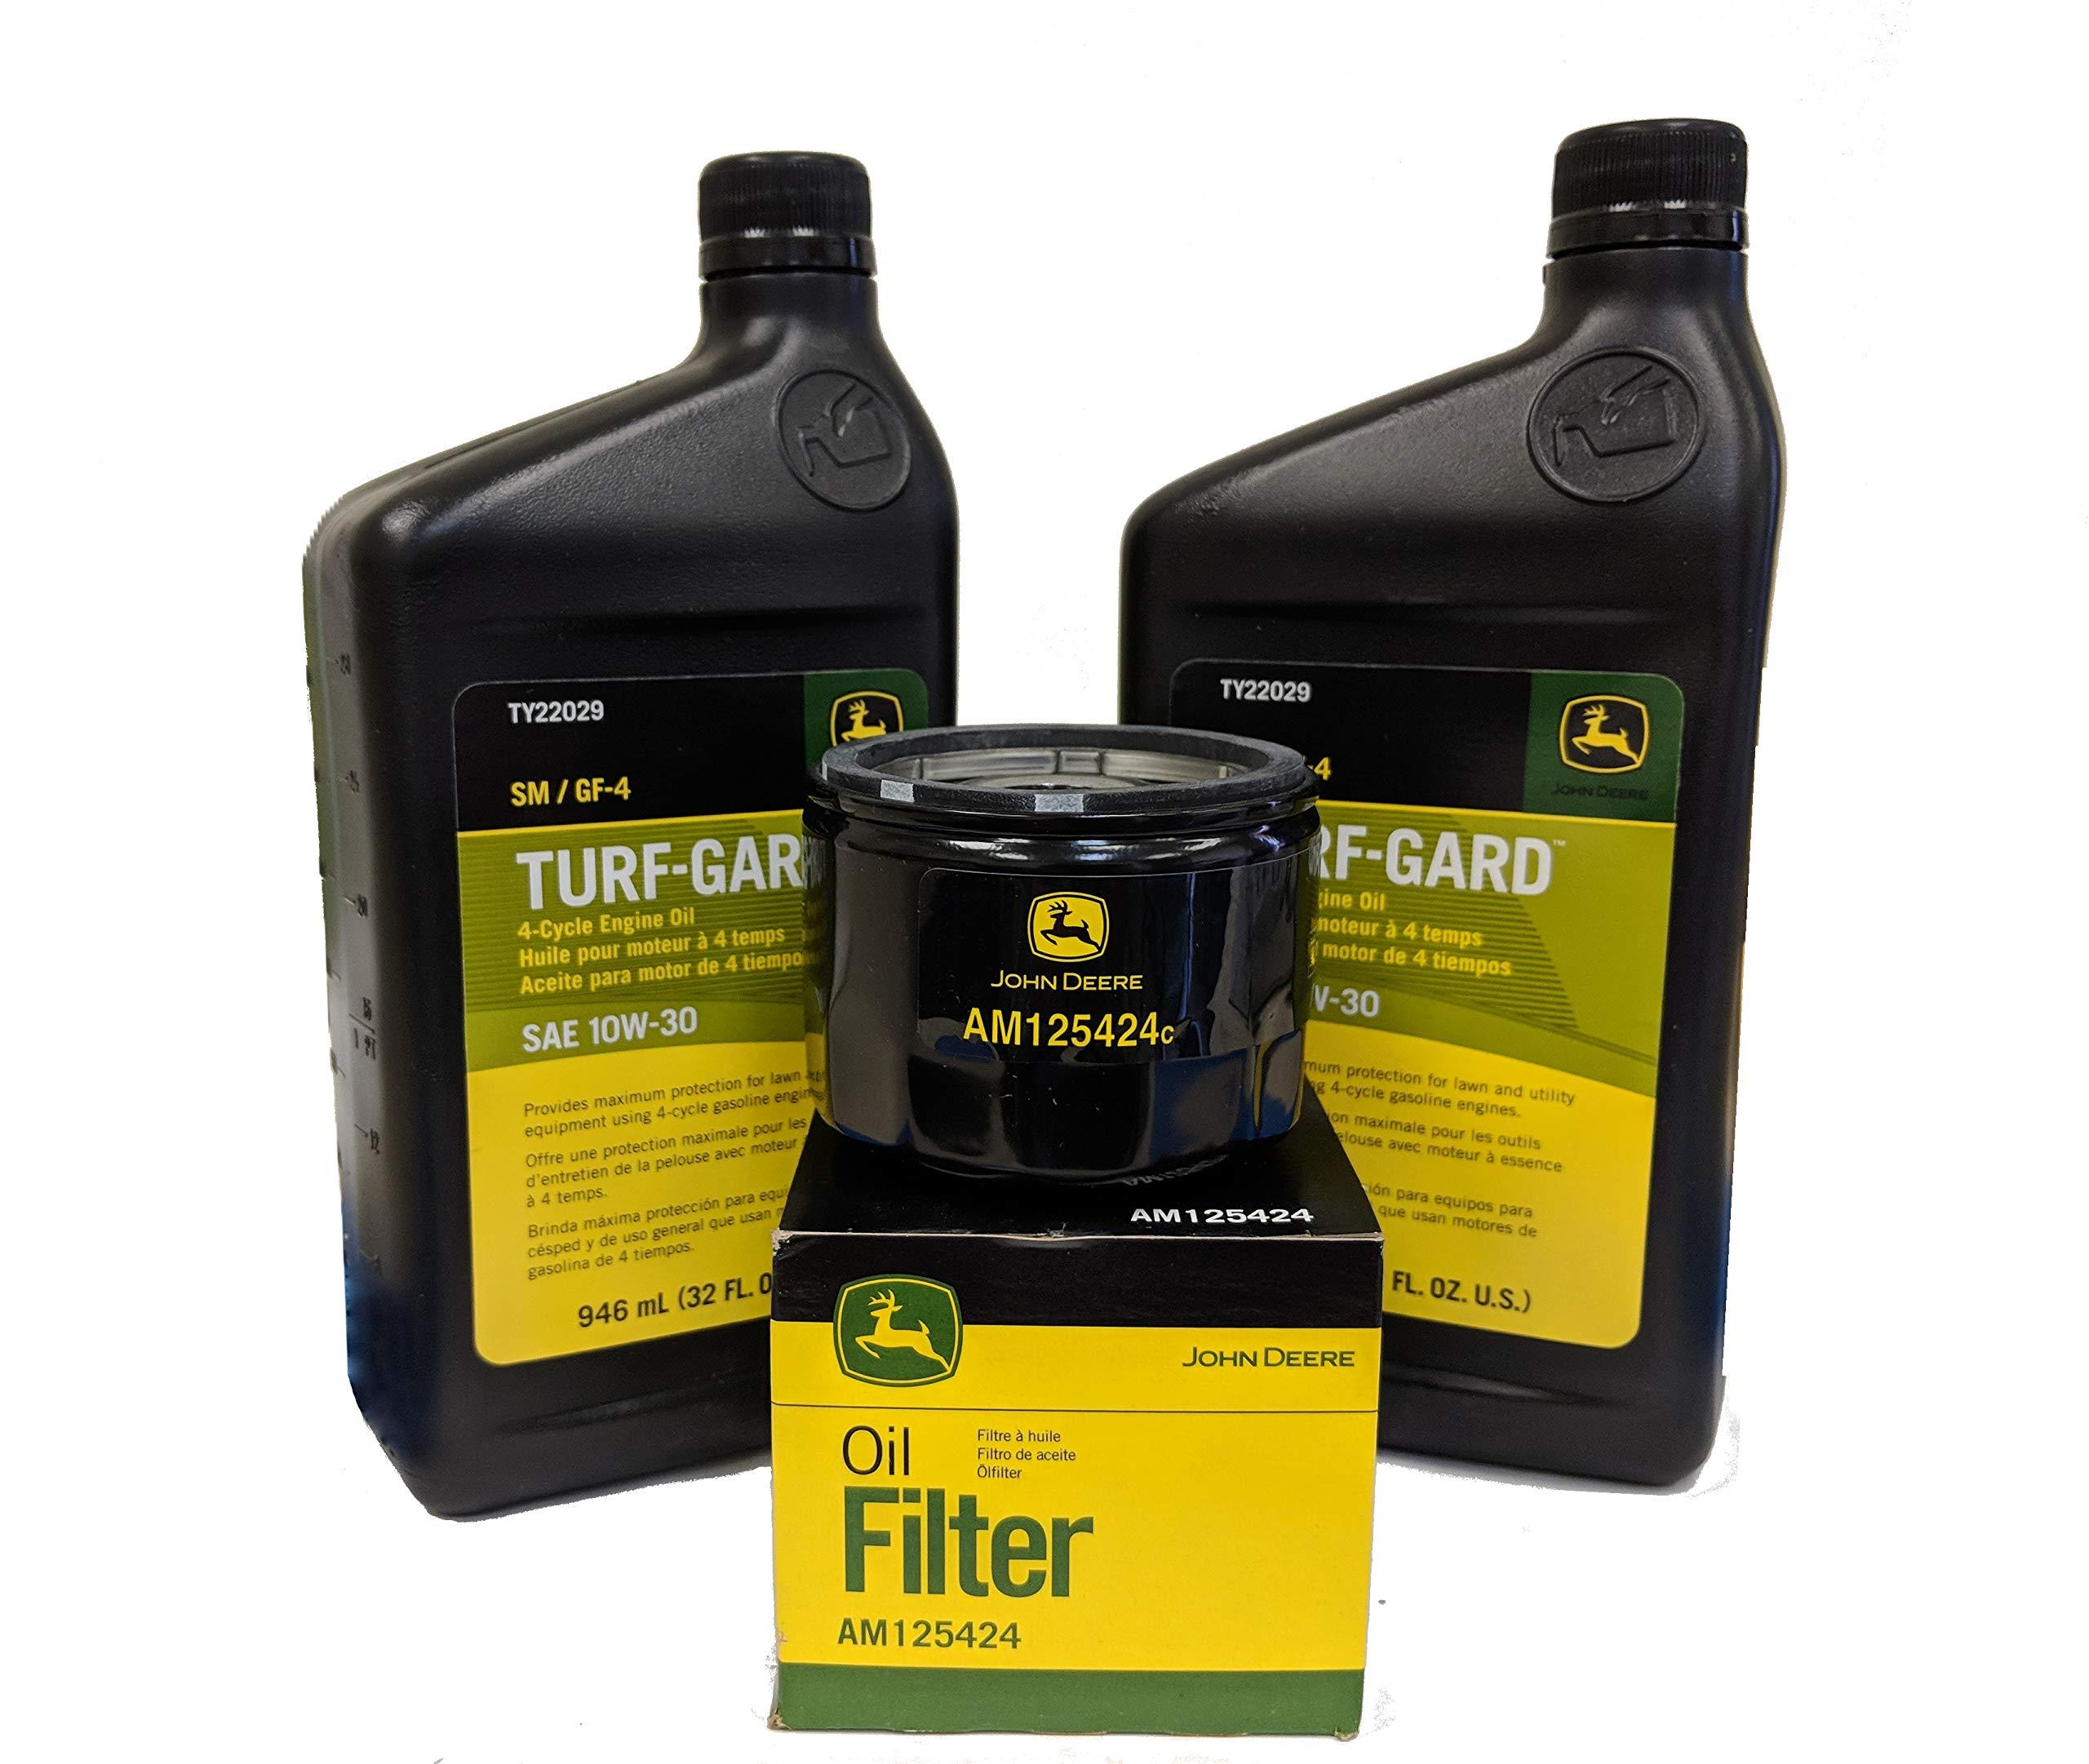 John Deere Original Equipment Oil Change Kit - (2) TY22029 + AM125424 by John Deere